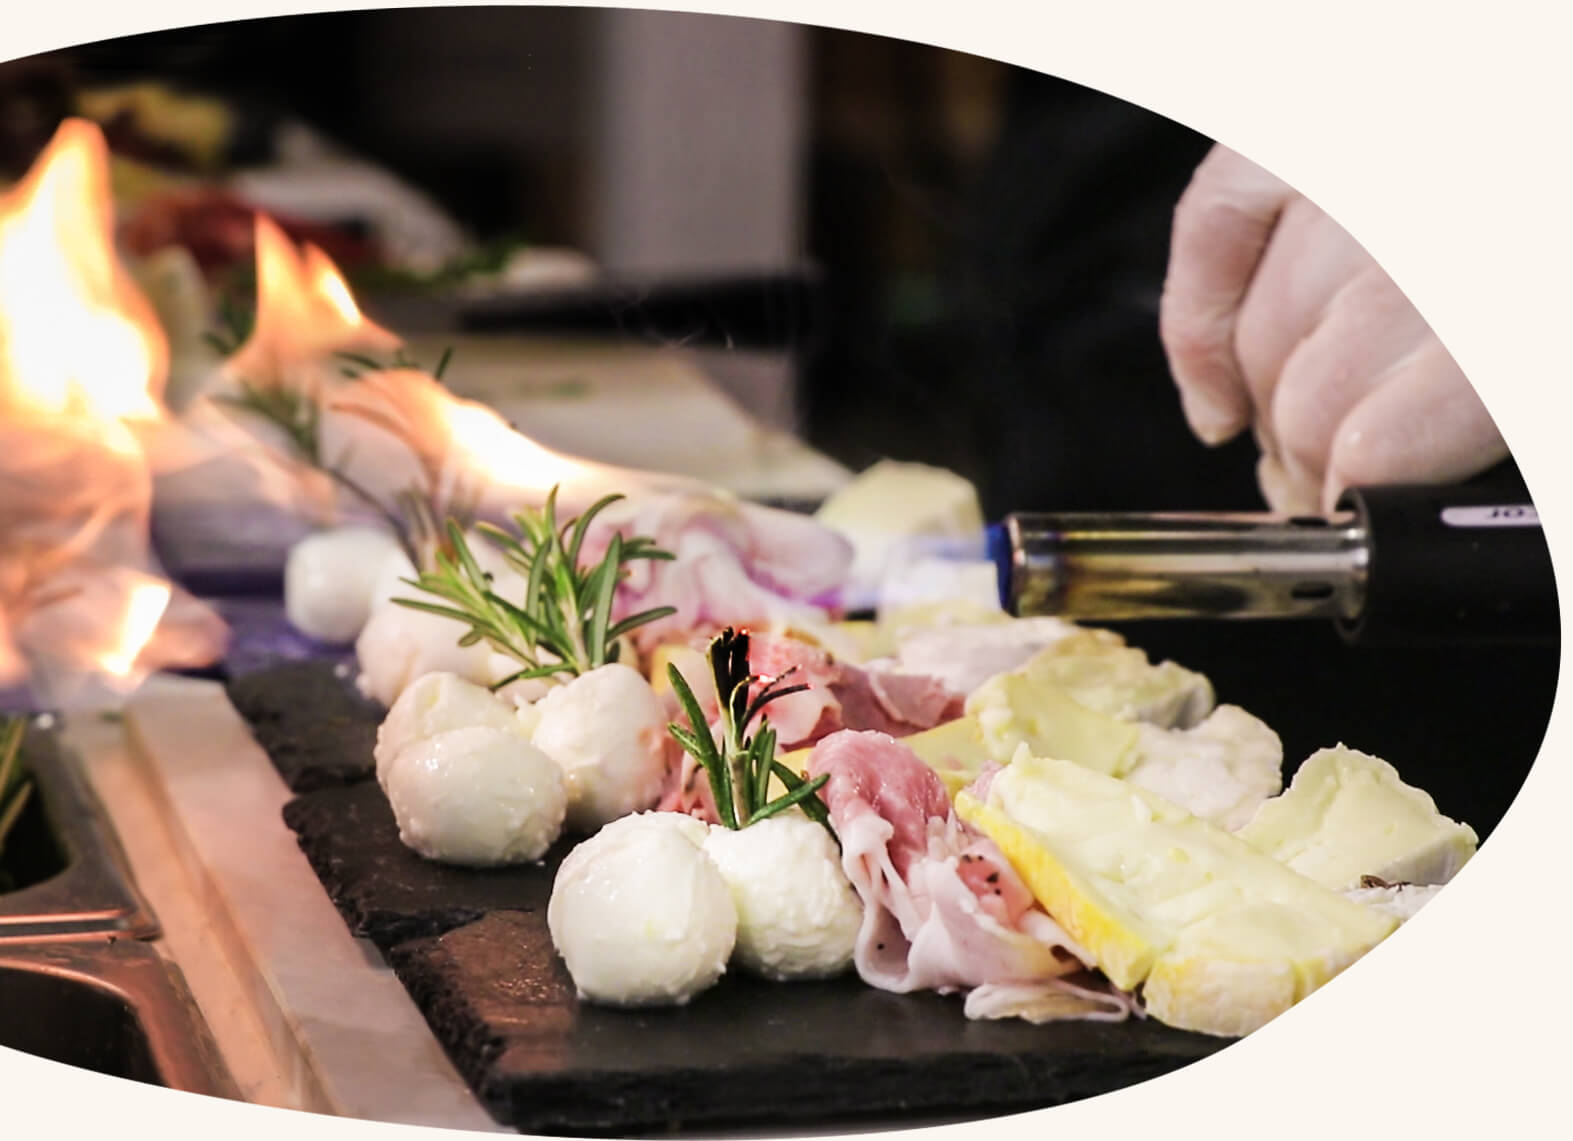 Une offre food complète - De l'apéritif au dessert, nous assurons toute la partie food de votre événement : des produits de qualité minutieusement travaillés par un staff expérimenté.